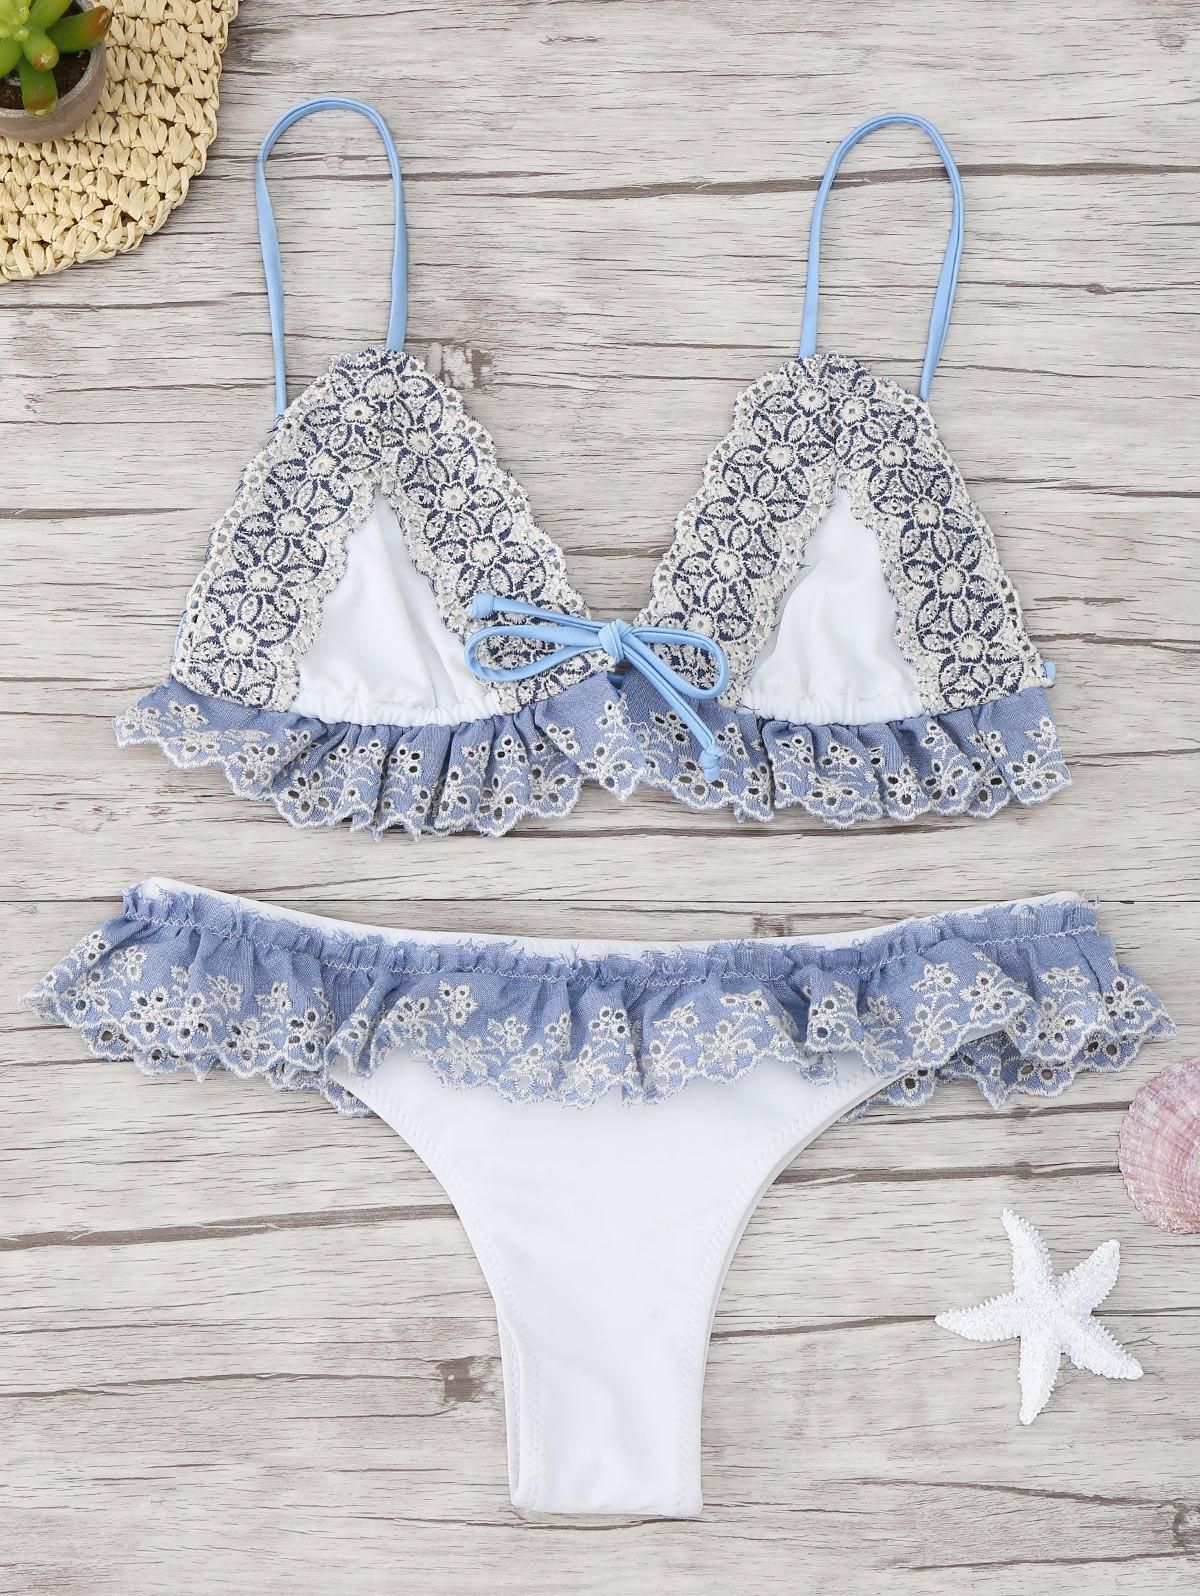 Ruffle Applique Thong Bikini Set 222830401